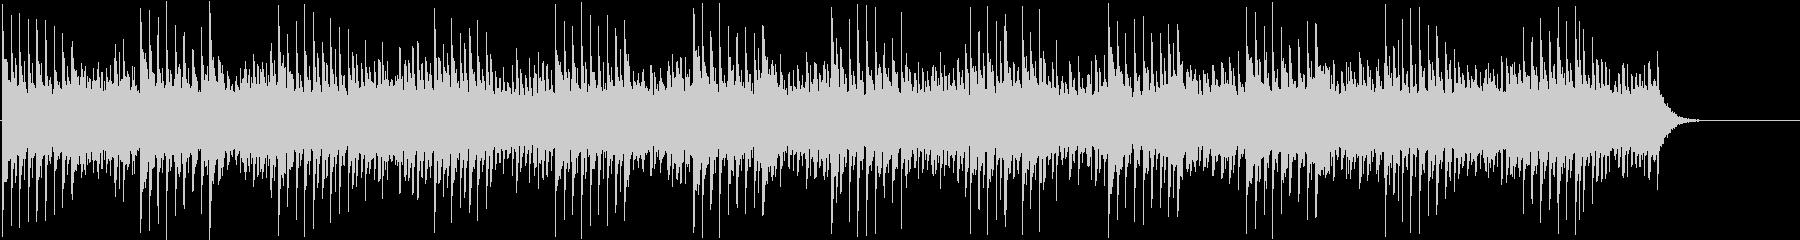 不気味なオルゴール・ベル・ホラーBGMの未再生の波形